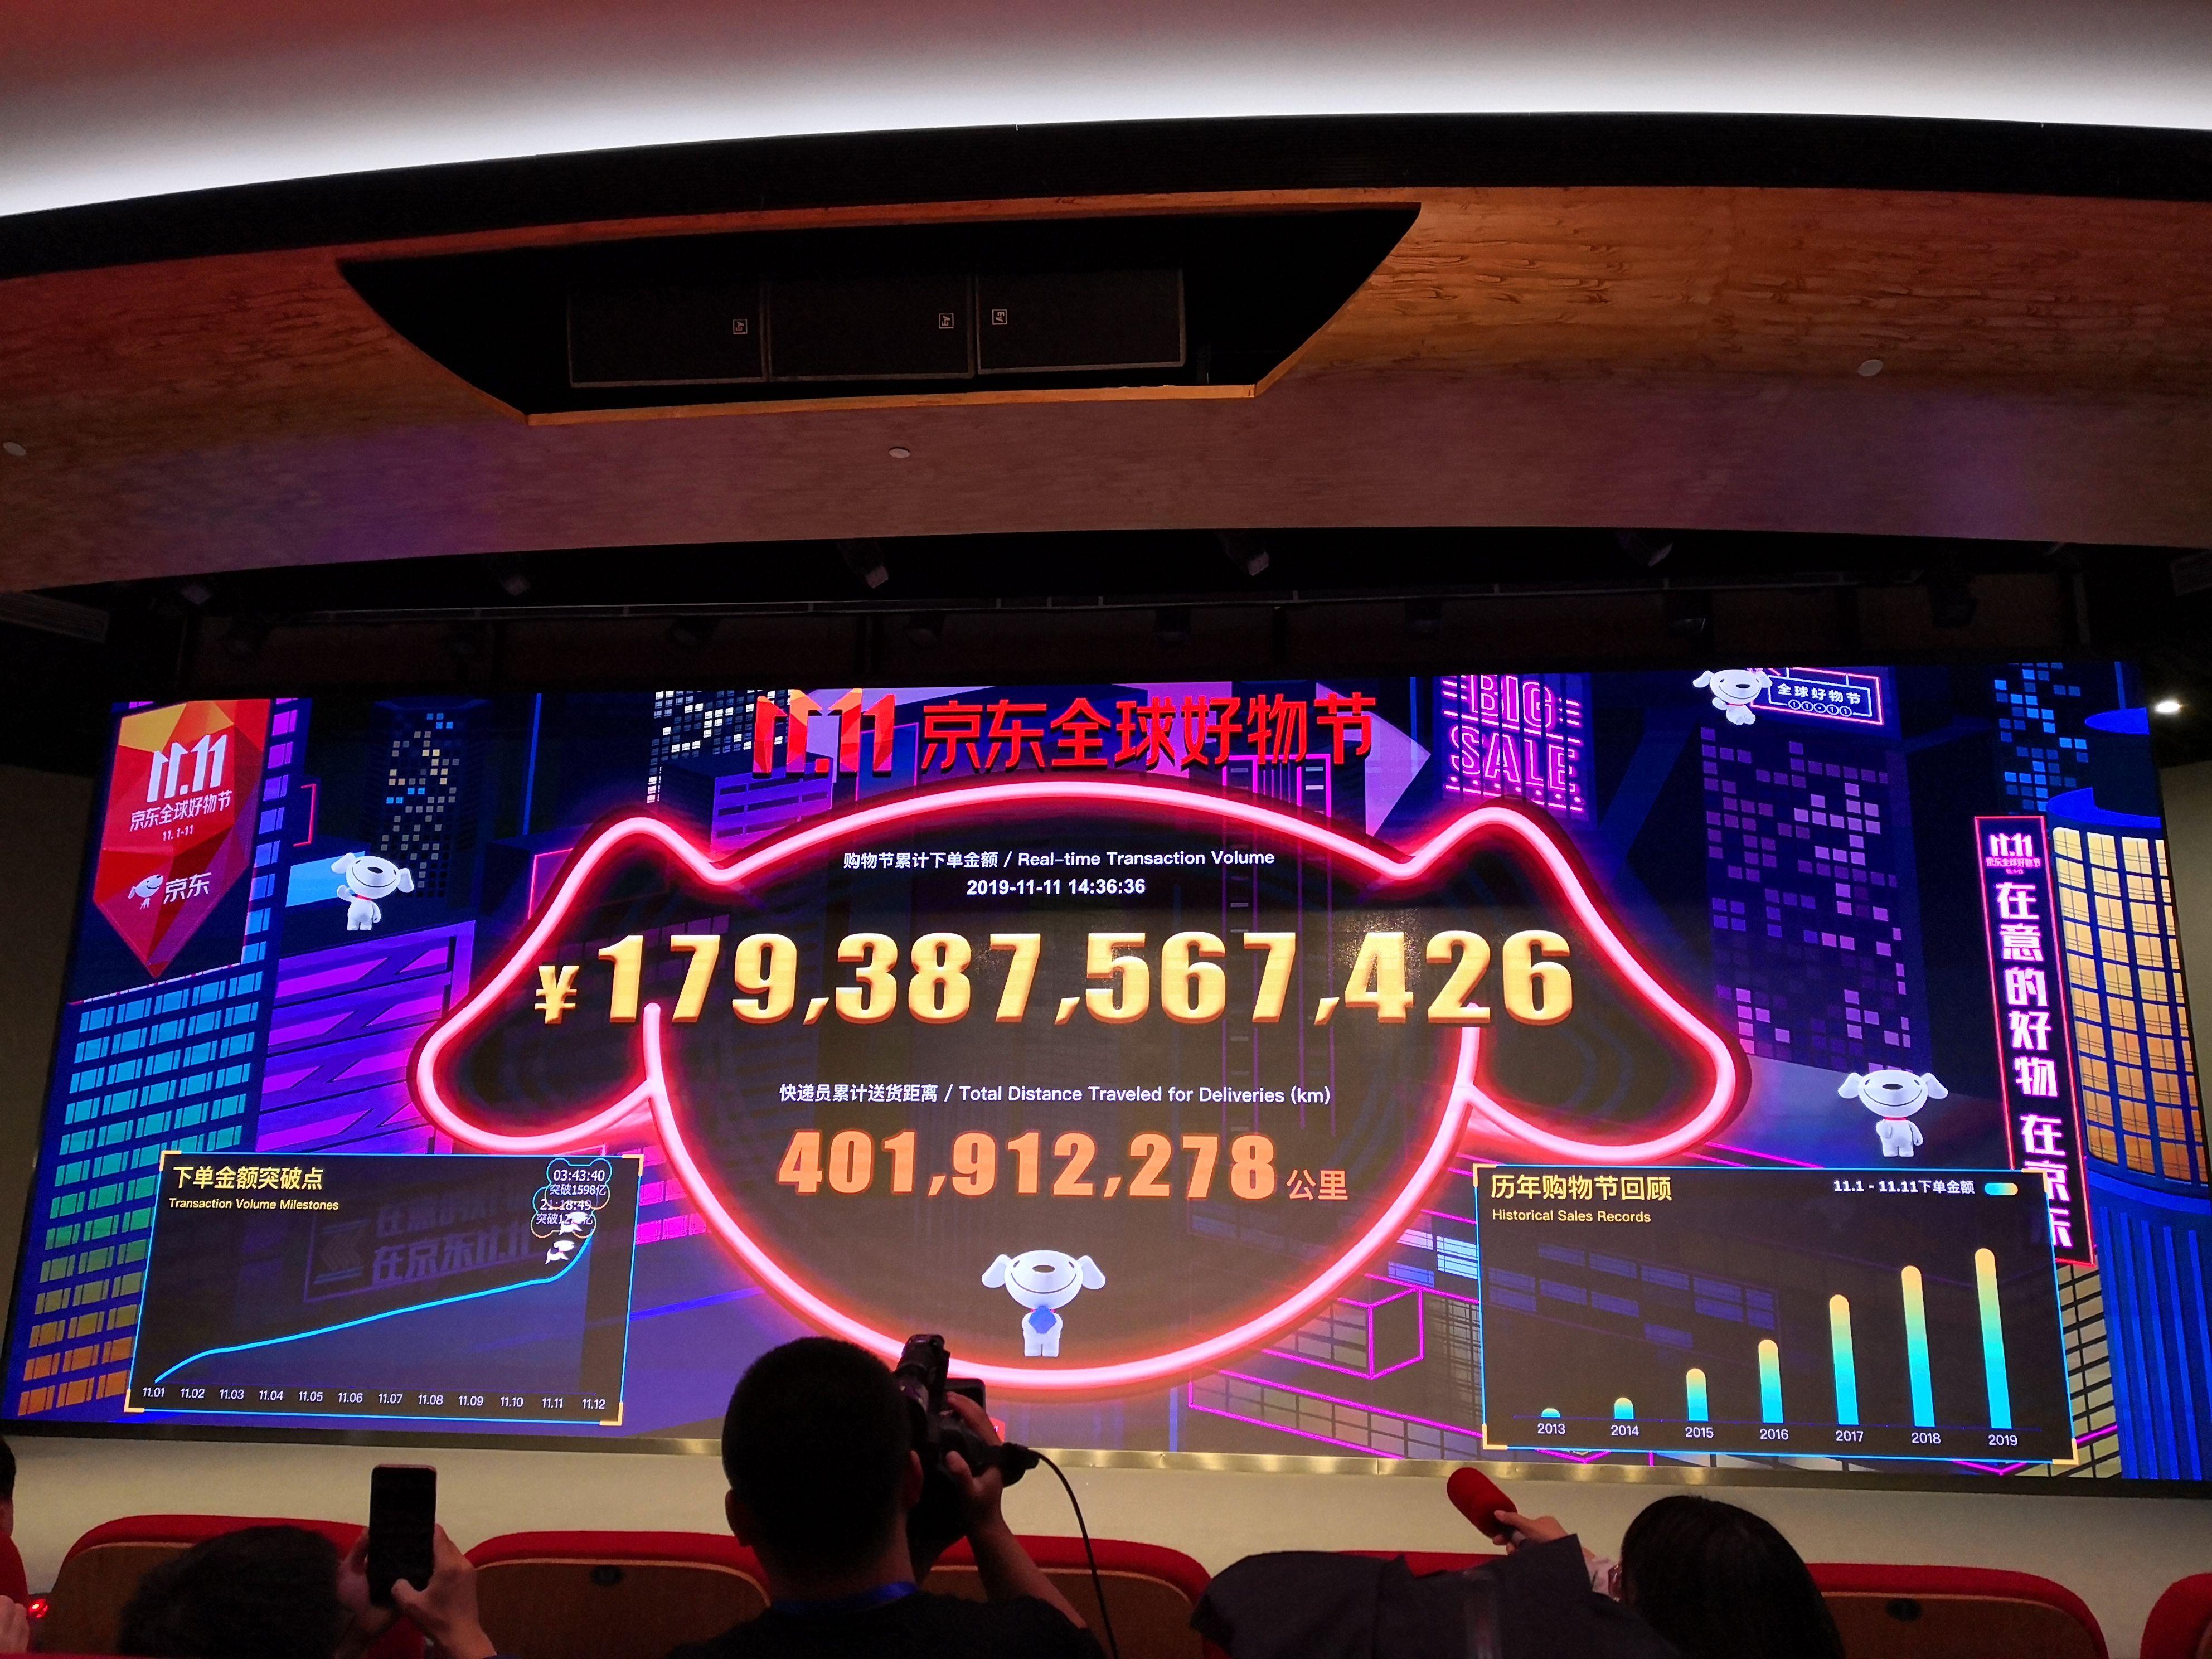 破纪录!京东双11累计GMV已近1800亿元 超越2018年!